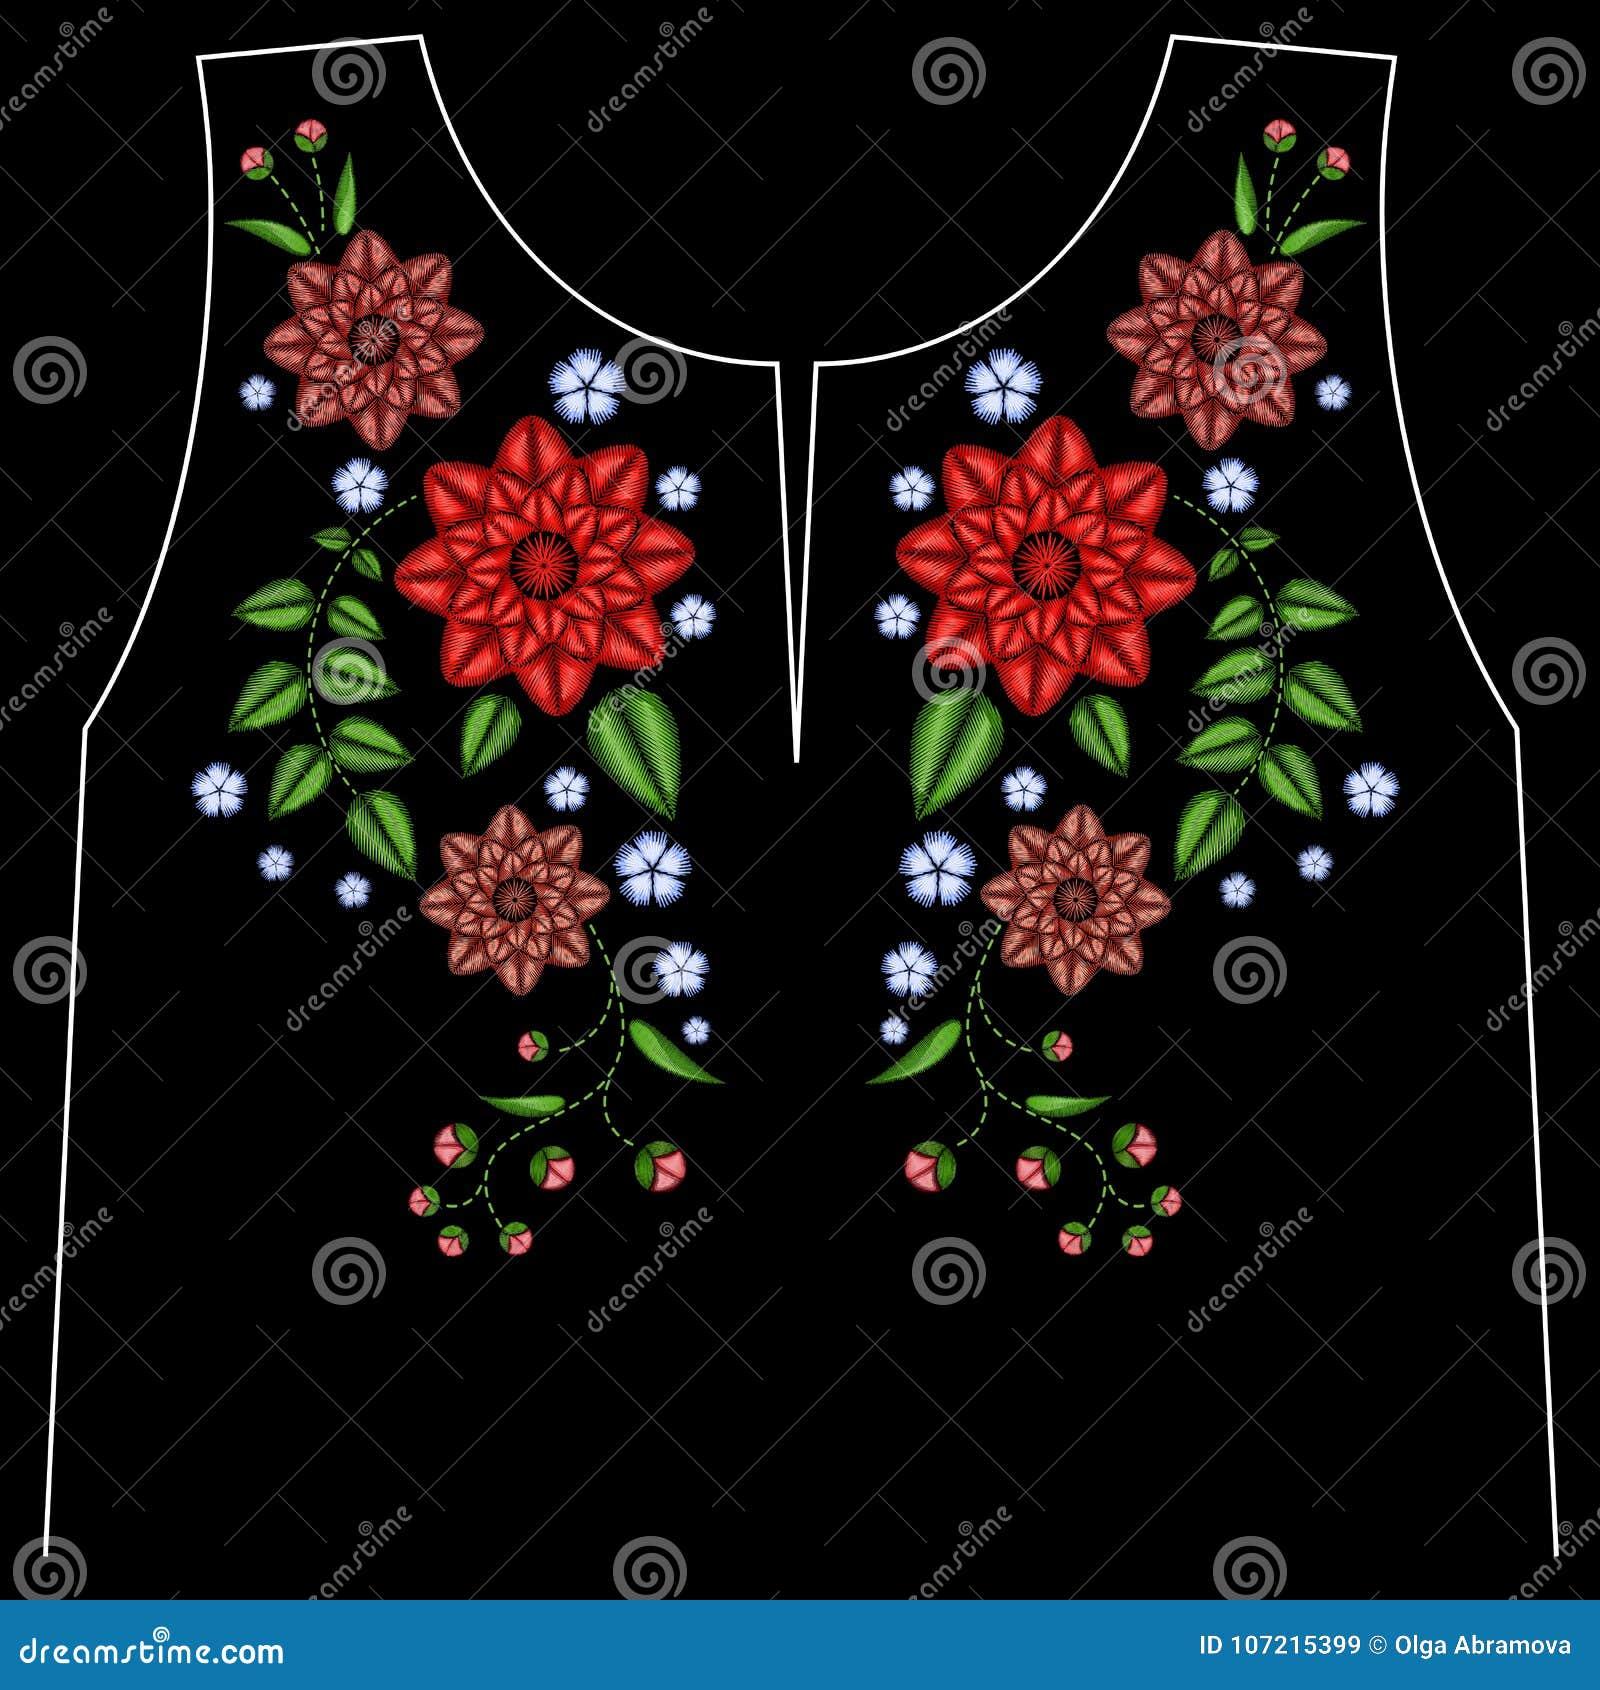 La línea étnica gráficos del cuello de las flores del bordado del diseño floral forma llevar